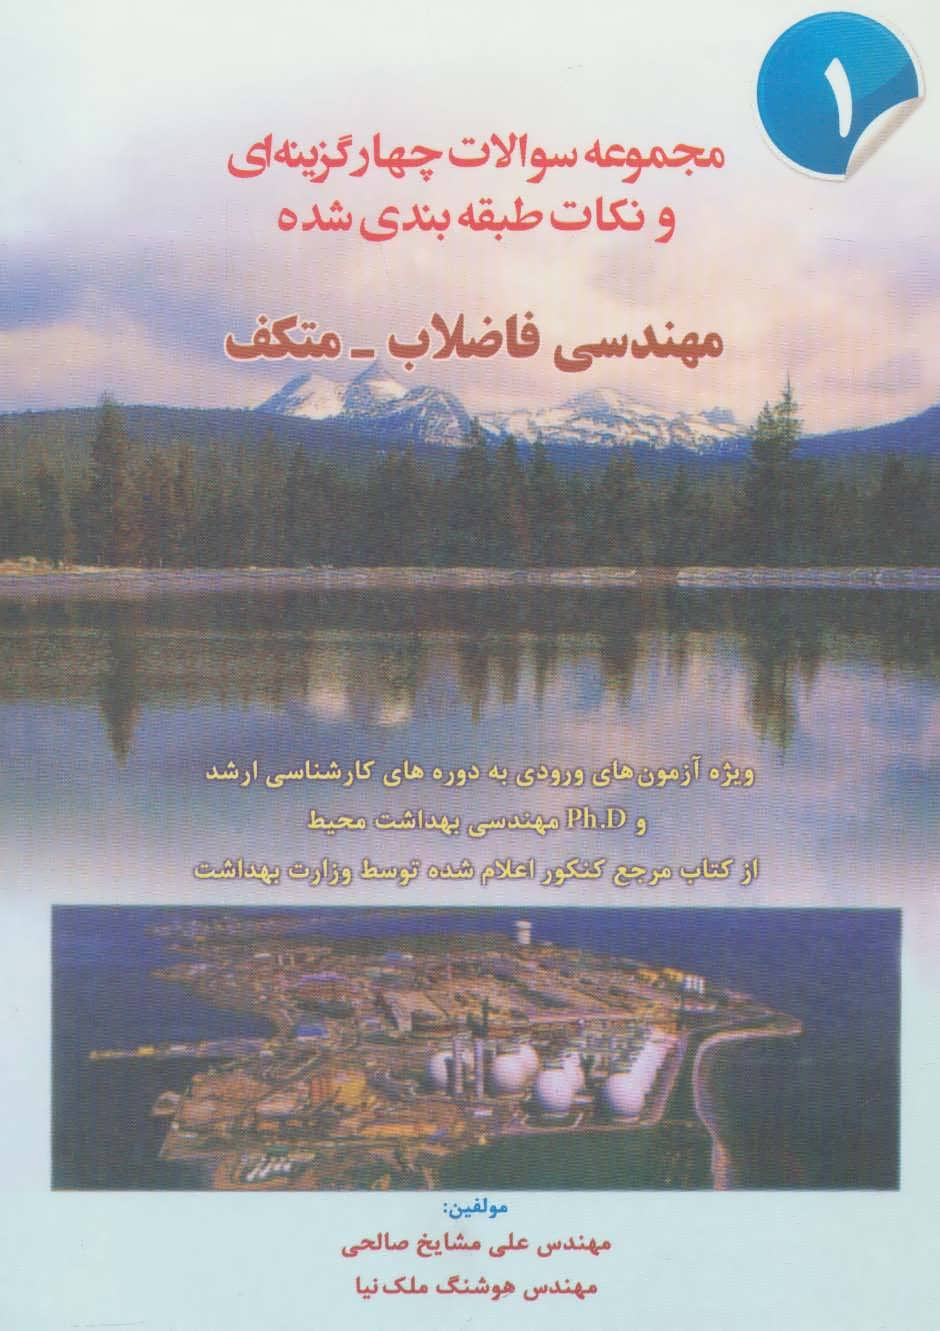 کتاب مهندسی فاضلاب- متکف ۱